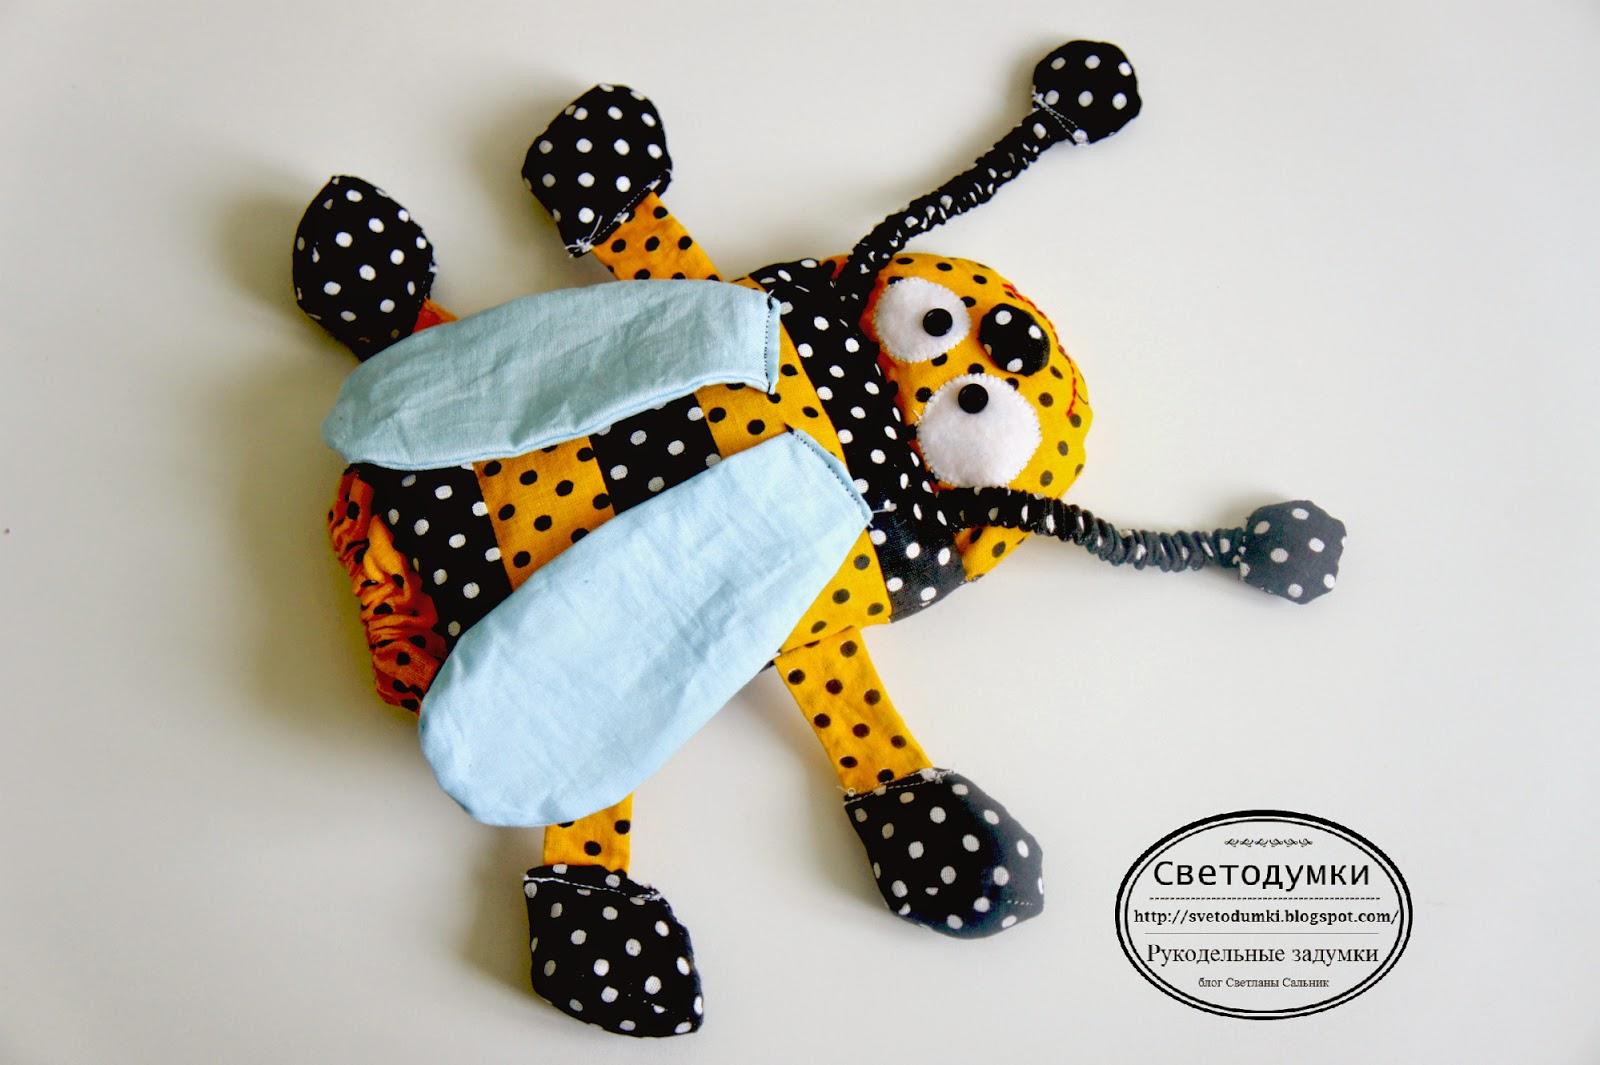 игрушка грелка пчела текстиль хлопок развивающая